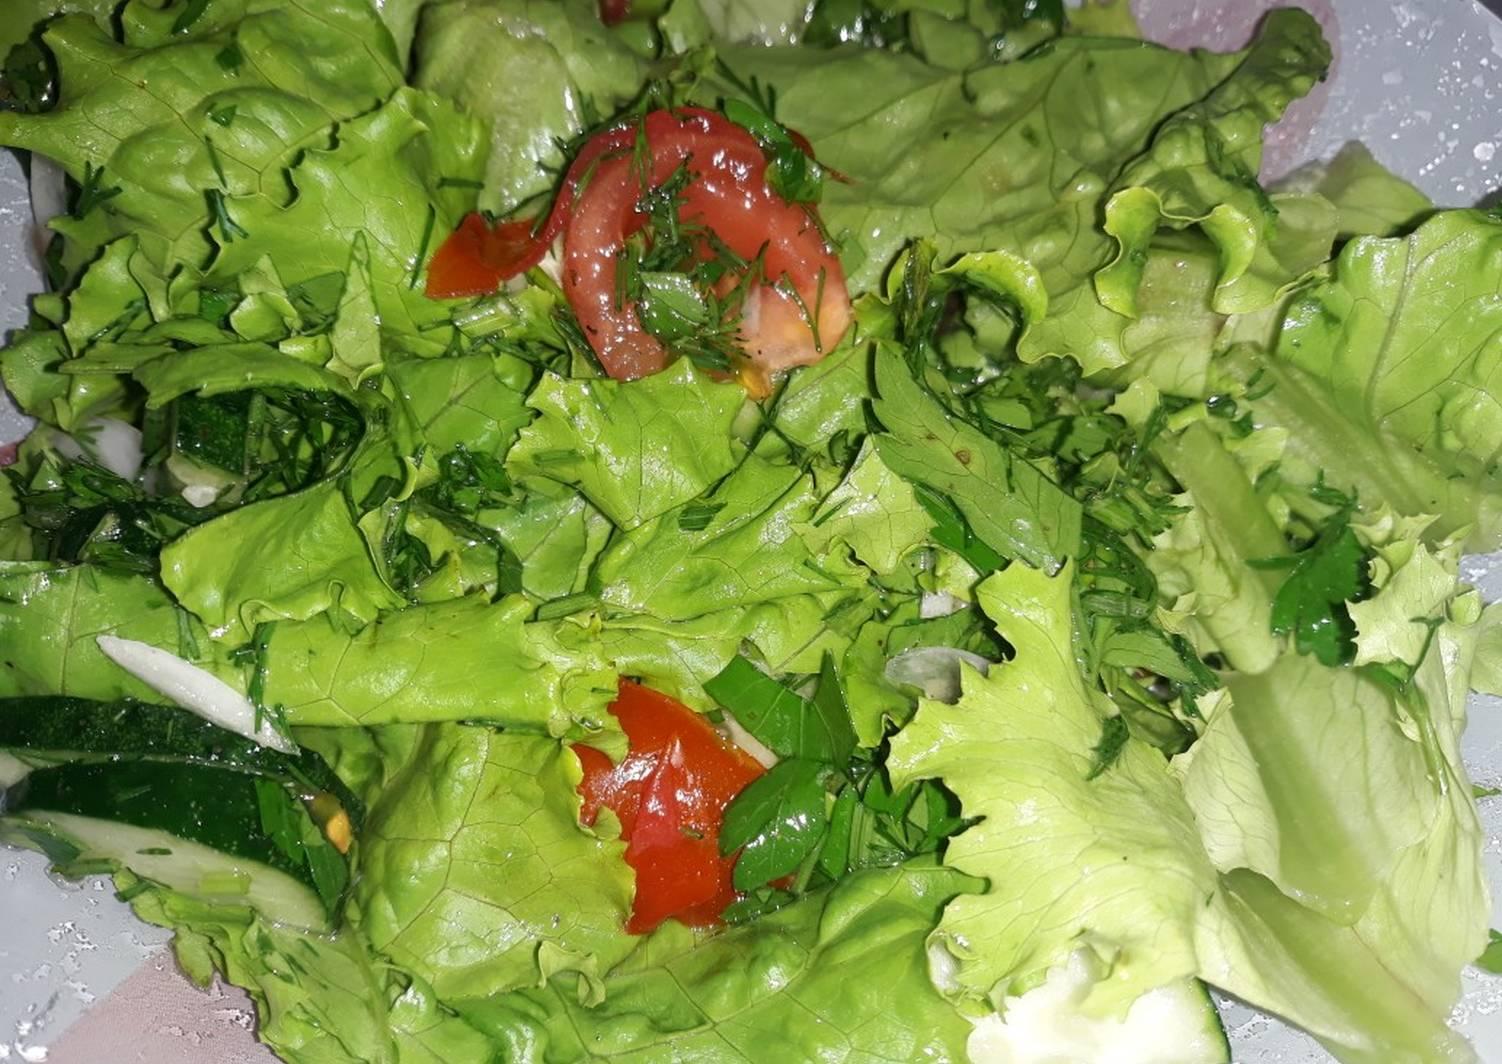 салат милана рецепт с фото этой новомодной технологии